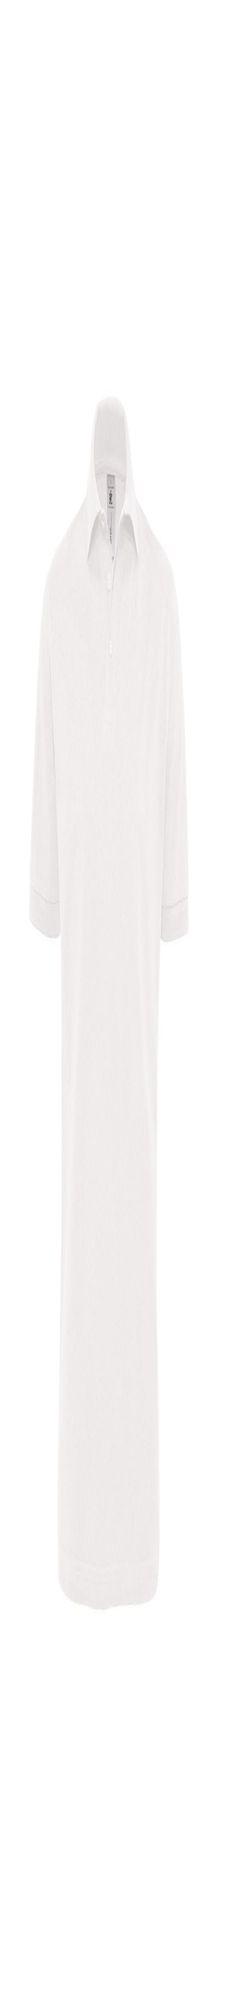 Рубашка поло Heavymill белая фото